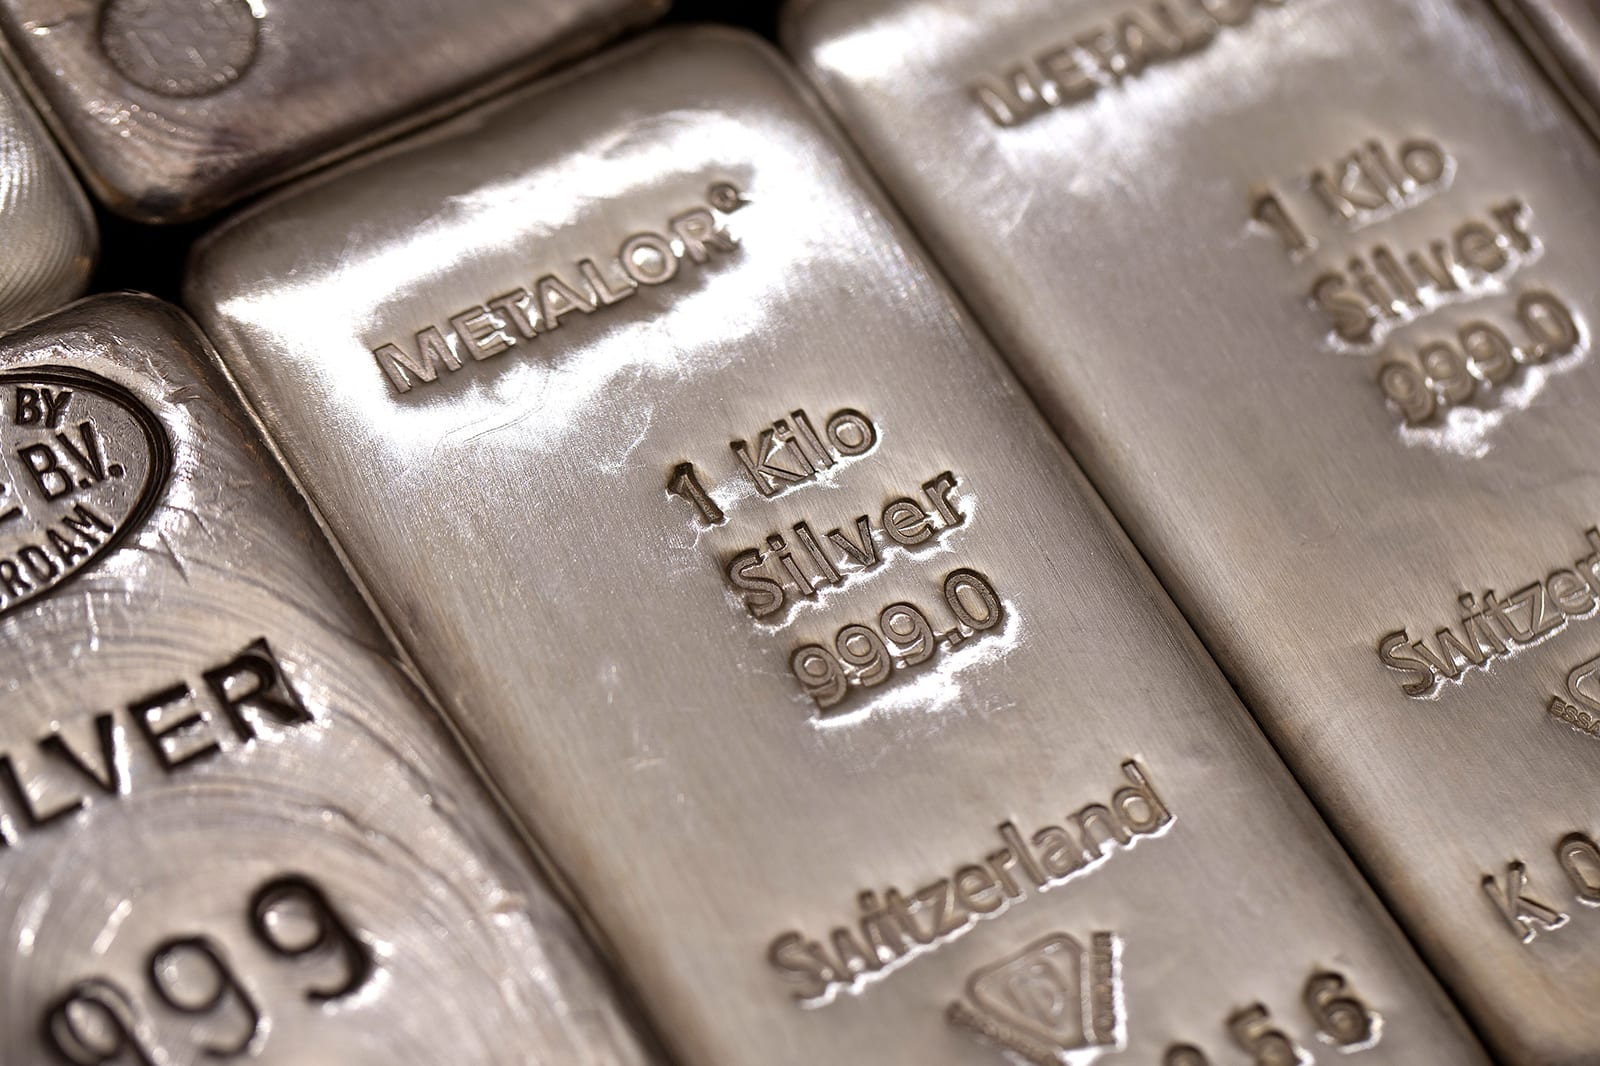 """جيش """"ريديت"""" يستهدف المعادن الثمينة.. والفضة ترتفع لأعلى مستوياتها منذ 5 أشهر"""